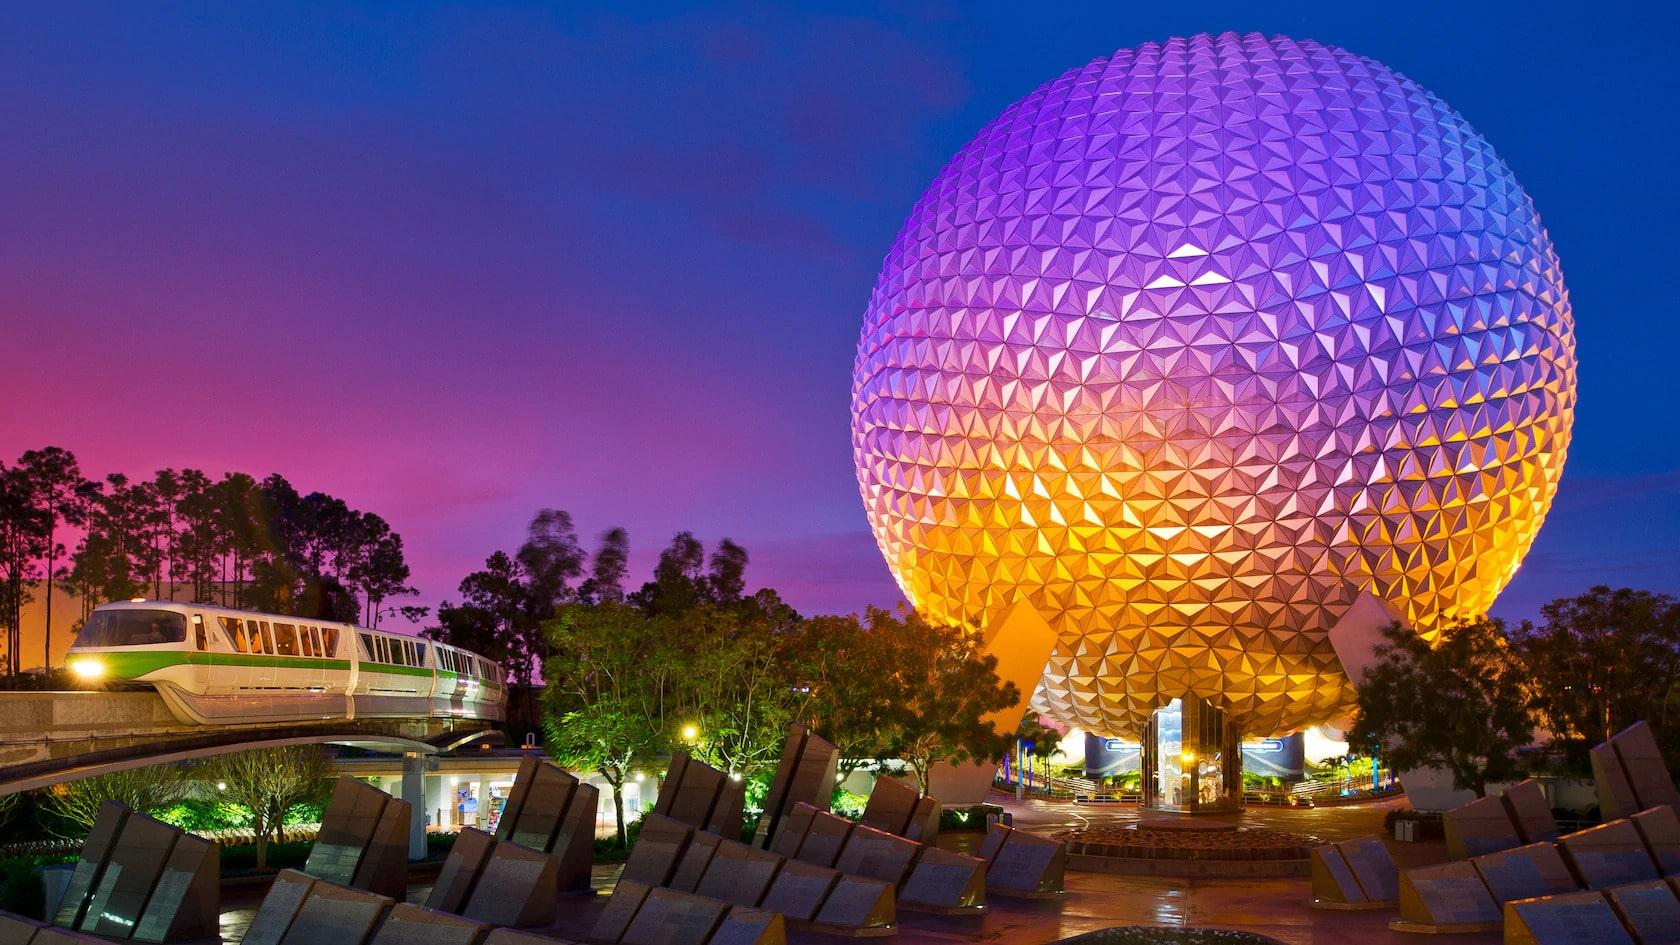 1-Day Epcot Theme Park Plan